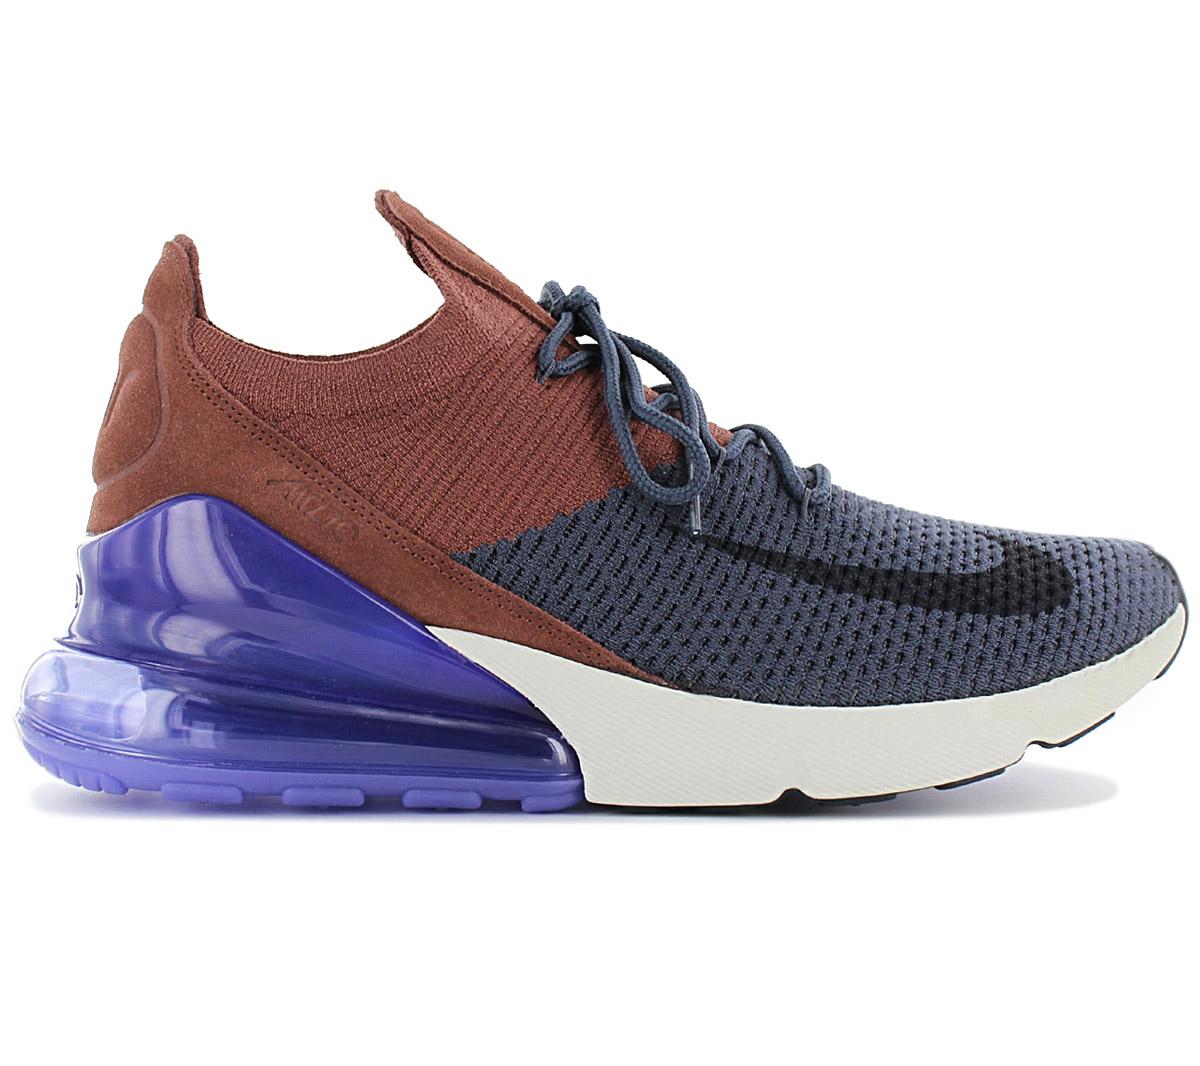 Detalles de Nike air max 270 Flyknit Hombre Sneaker AO1023 402 Azul Marrón Zapatos Deporte